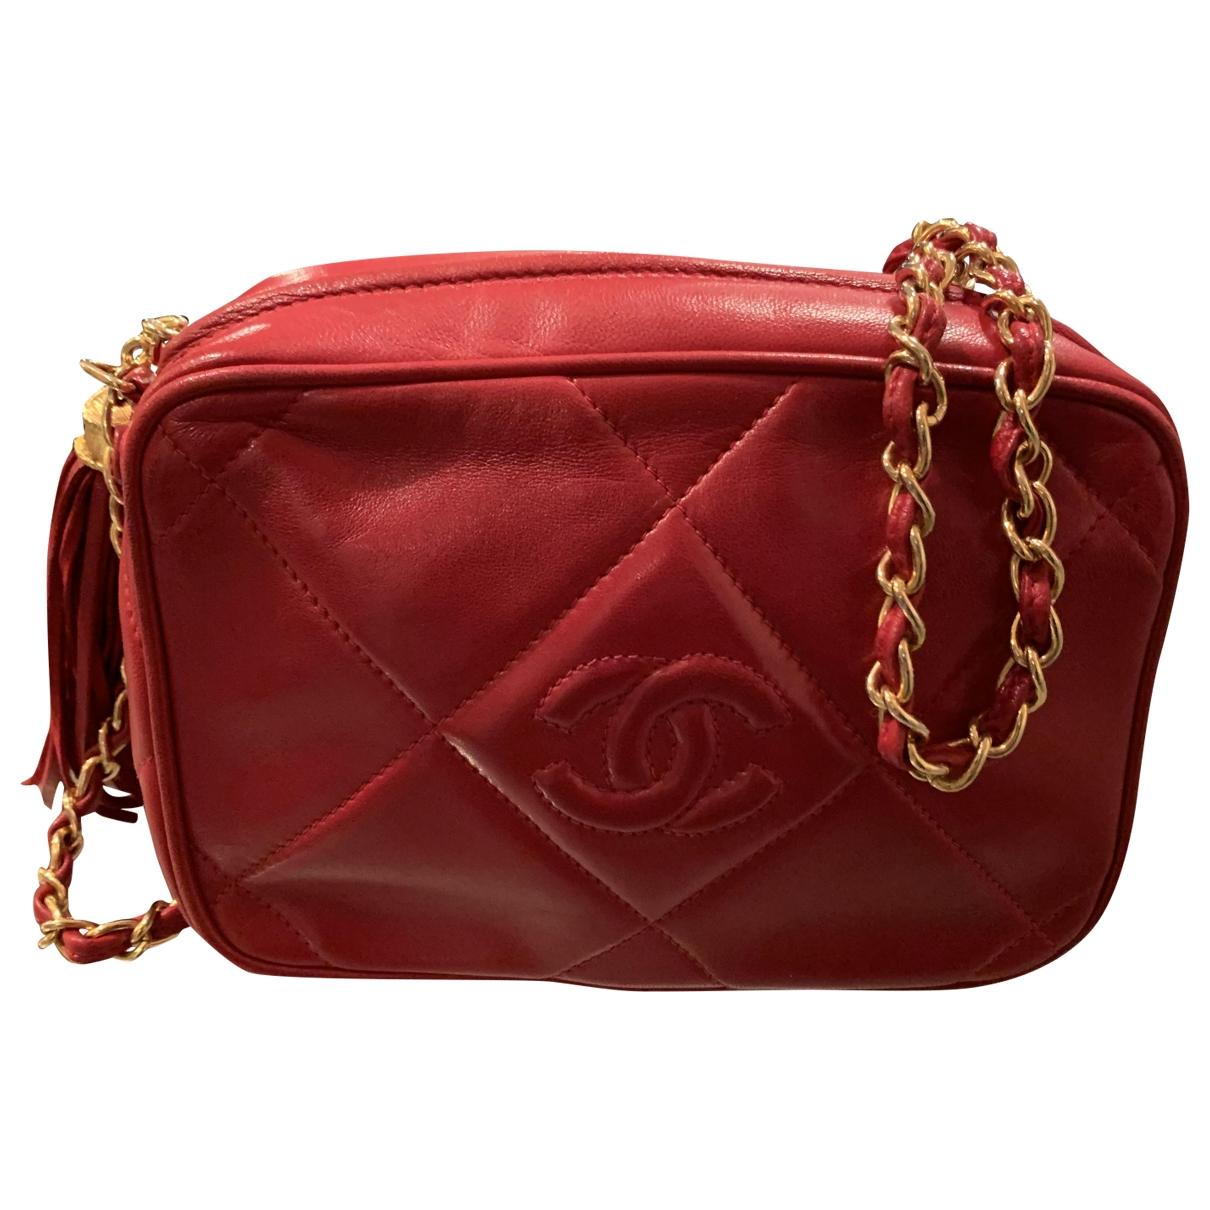 Chanel - Sac a main   pour femme en cuir - rouge